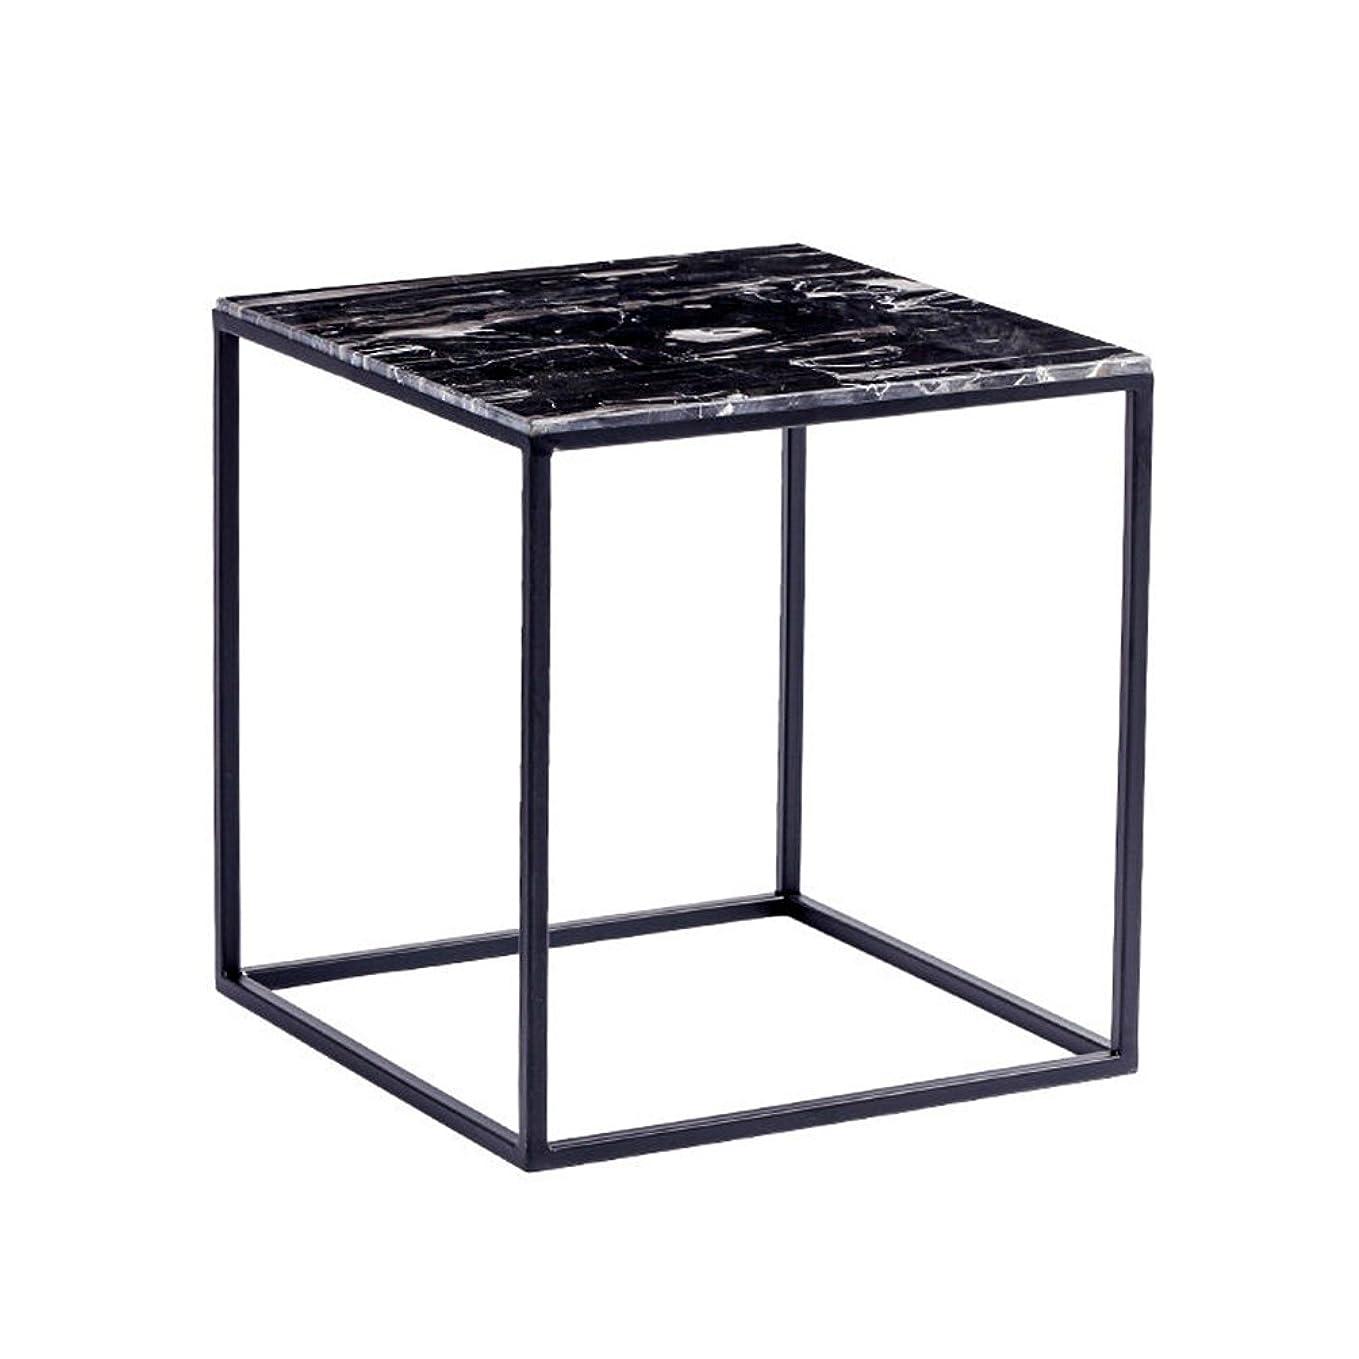 み仮定、想定。推測チーターKJzhu メタルスモールスクエアテーブル、北ヨーロッパスタイルのリビングルームサイドテーブル小さなコーヒーテーブル大理石コーナー数少ない装飾テーブルコーヒーテーブルカジュアルな読書テーブル40 * 40 * 42CM 大 (Color : Black)